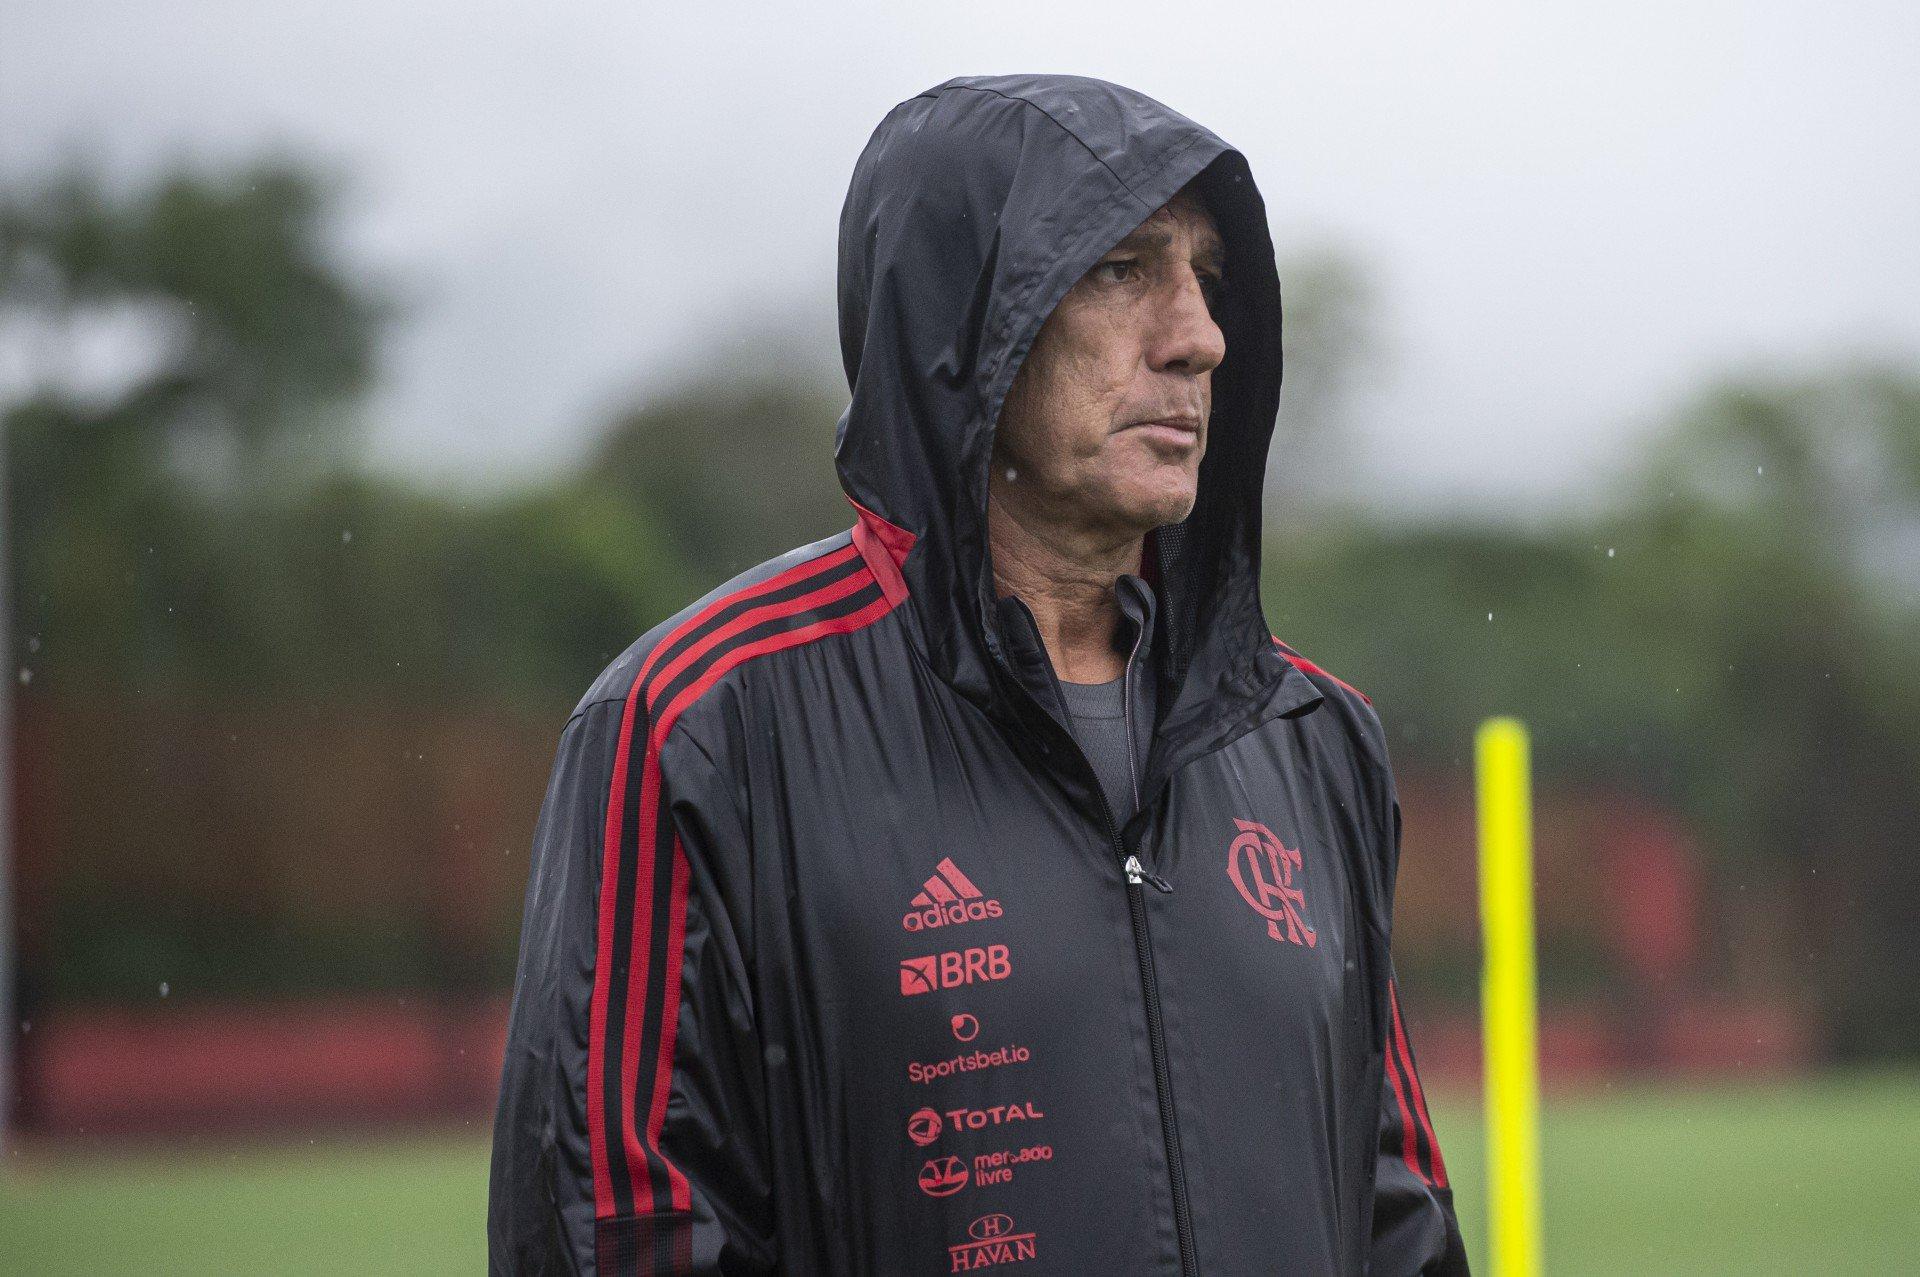 Medalhão participa de treino e será relacionado para jogo do Flamengo pela Copa do Brasil